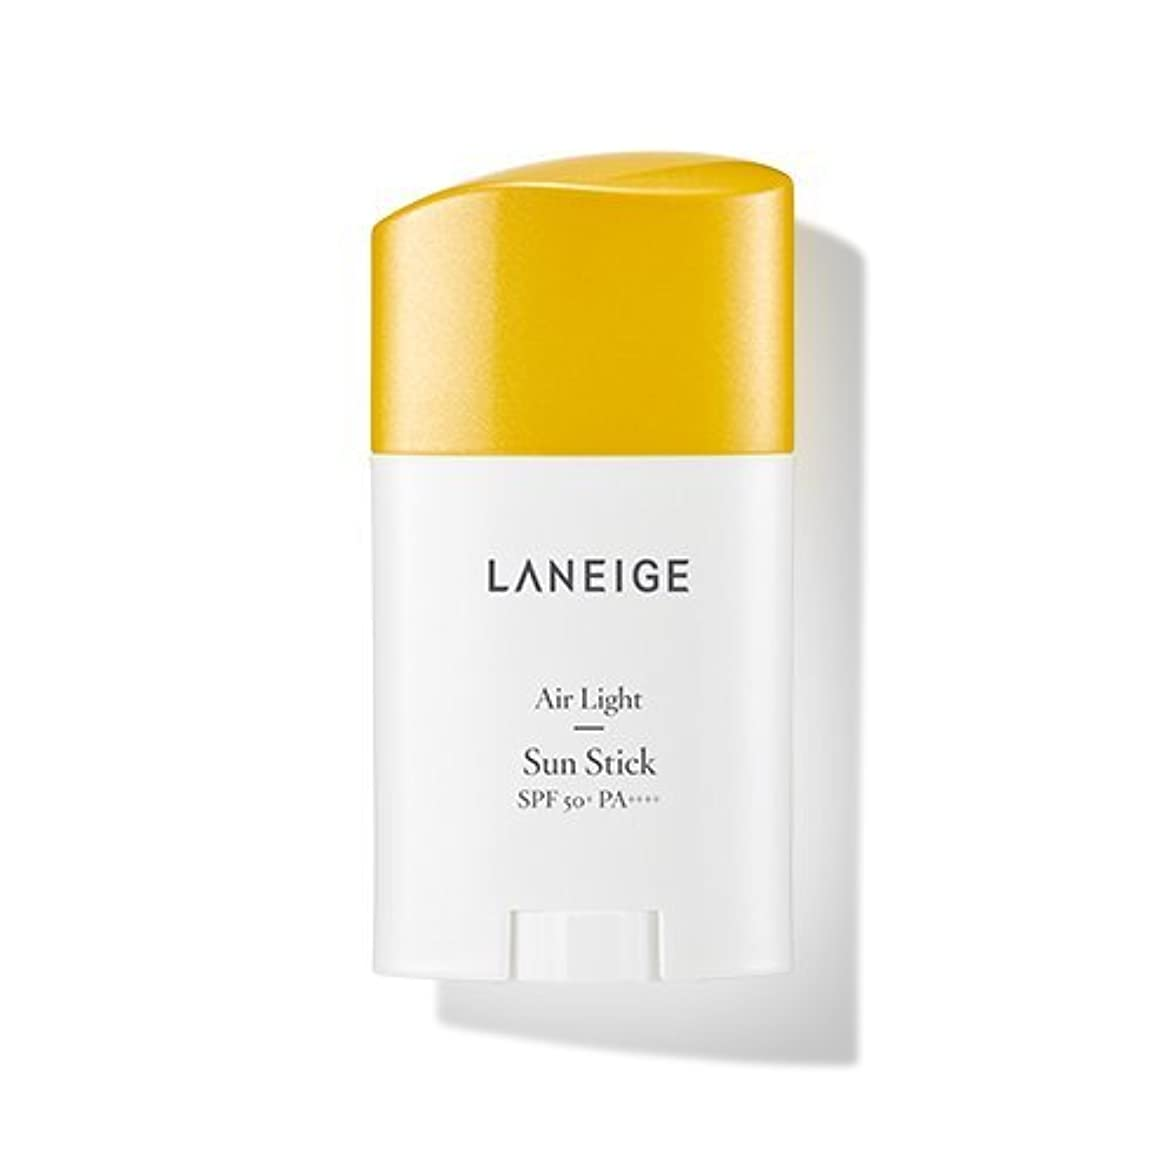 取るに足らない塊存在するラネージュ(LANEIGE) エアライト?サンスティック Air Light Sun Stick SPF50 PA+++ 26g